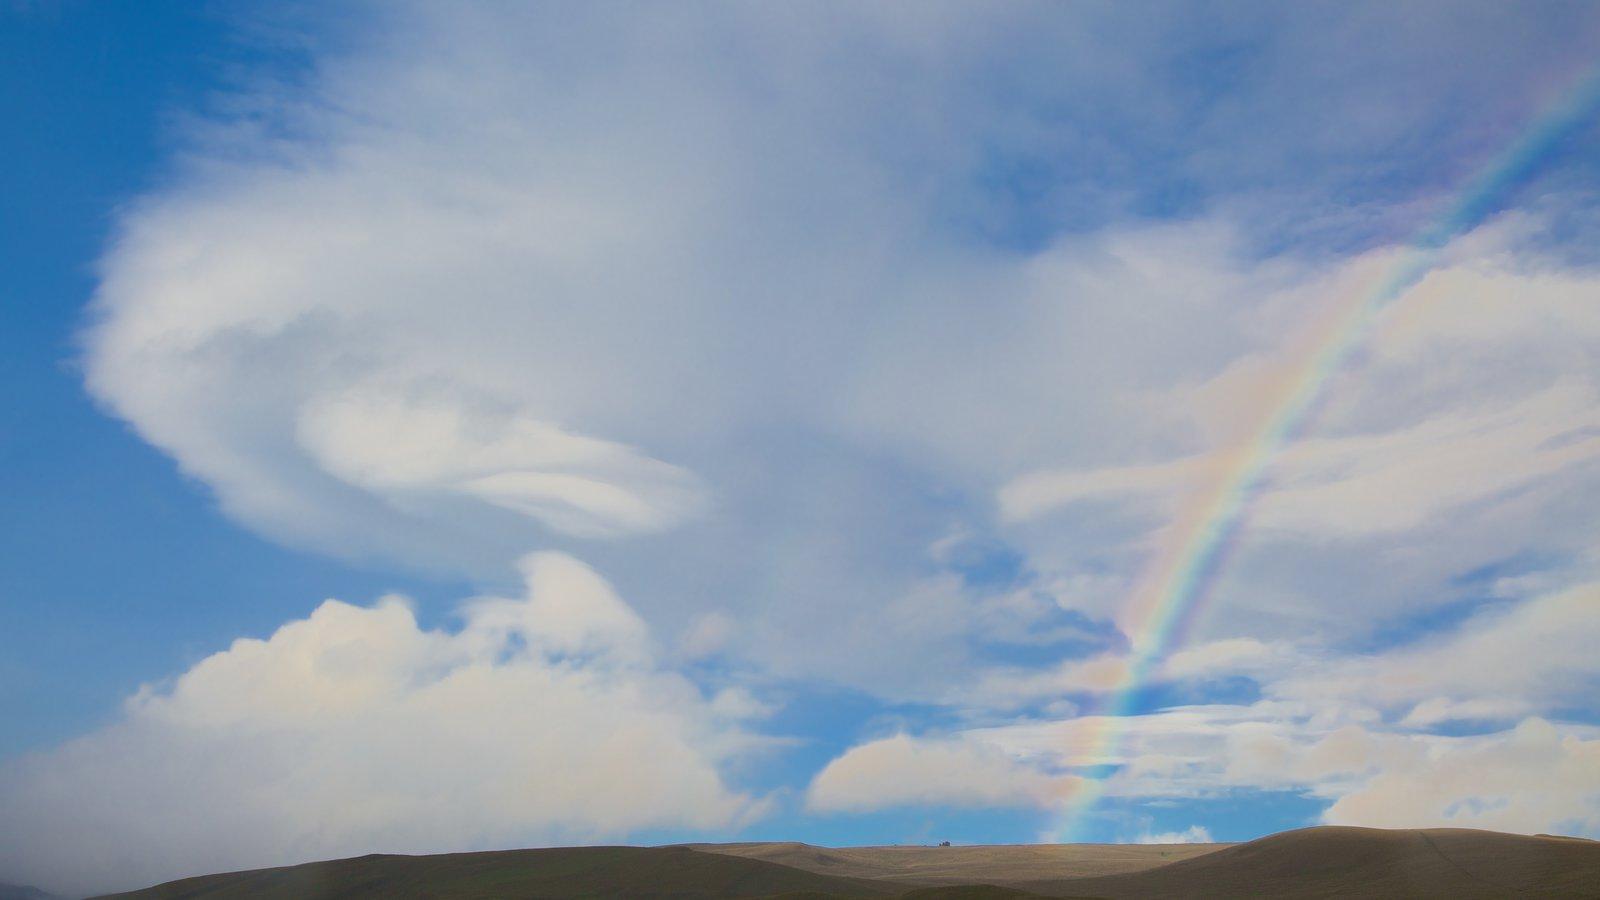 Parque Nacional de Cotopaxi mostrando vistas de paisajes